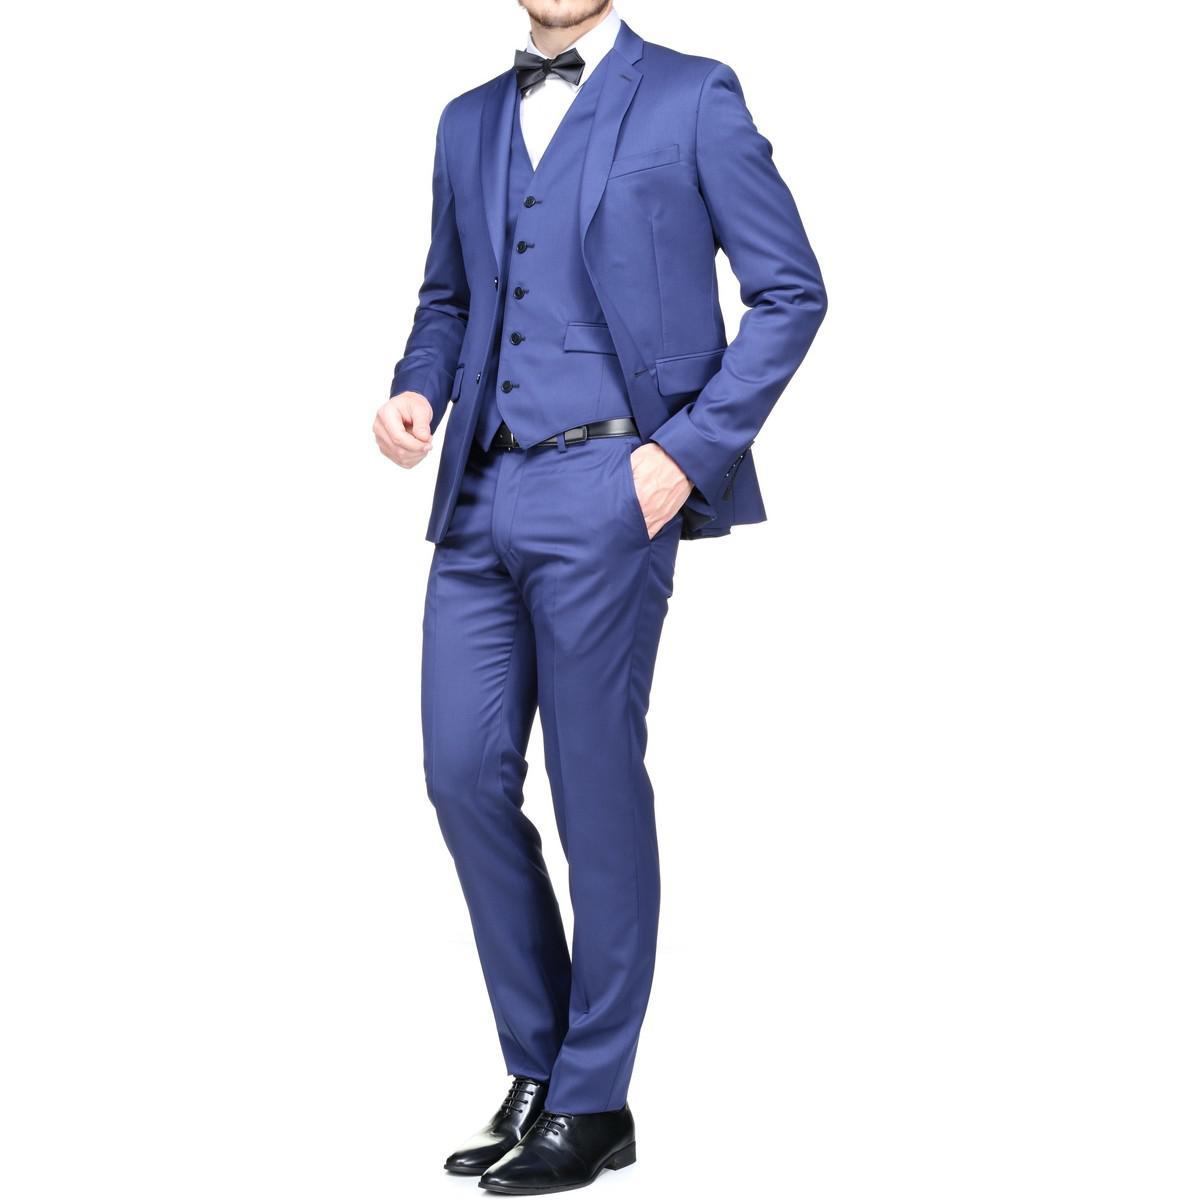 Lyst - Costume 3 pièces hommes Costumes en bleu Azzaro pour homme en ... 72b22312a169